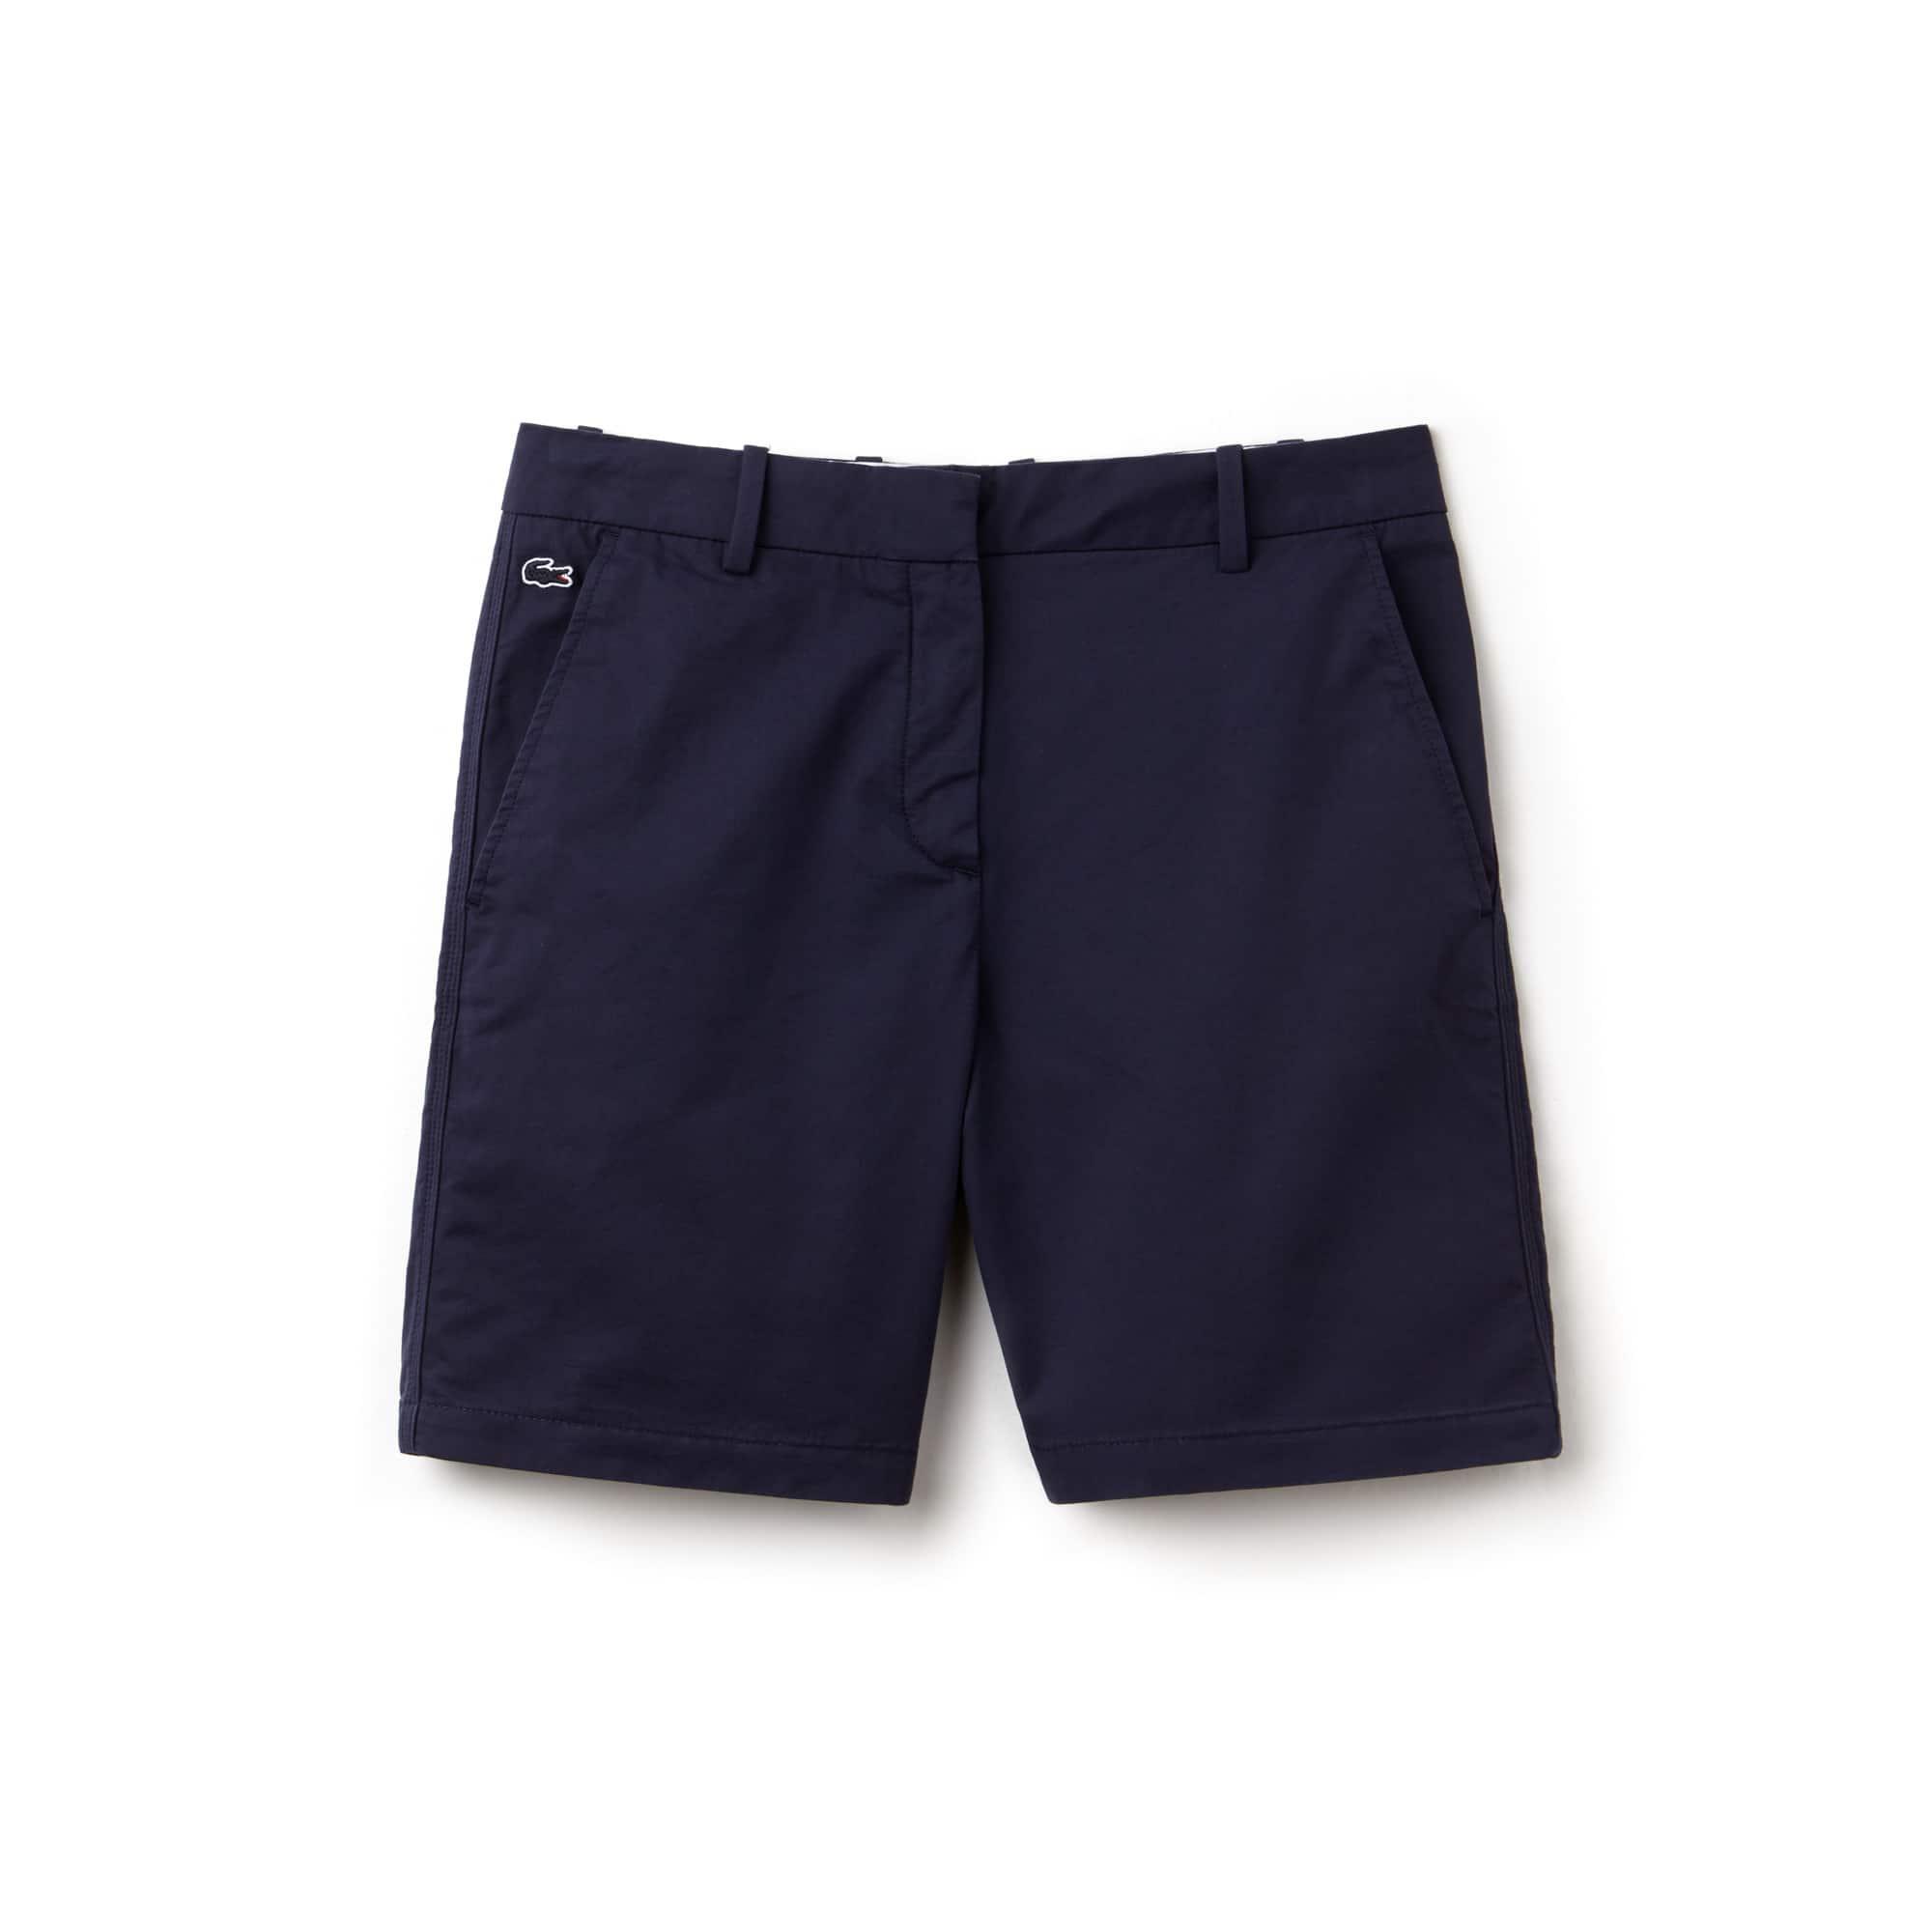 라코스테 반바지 Lacoste Womens Stretch Bermuda Shorts,navy blue